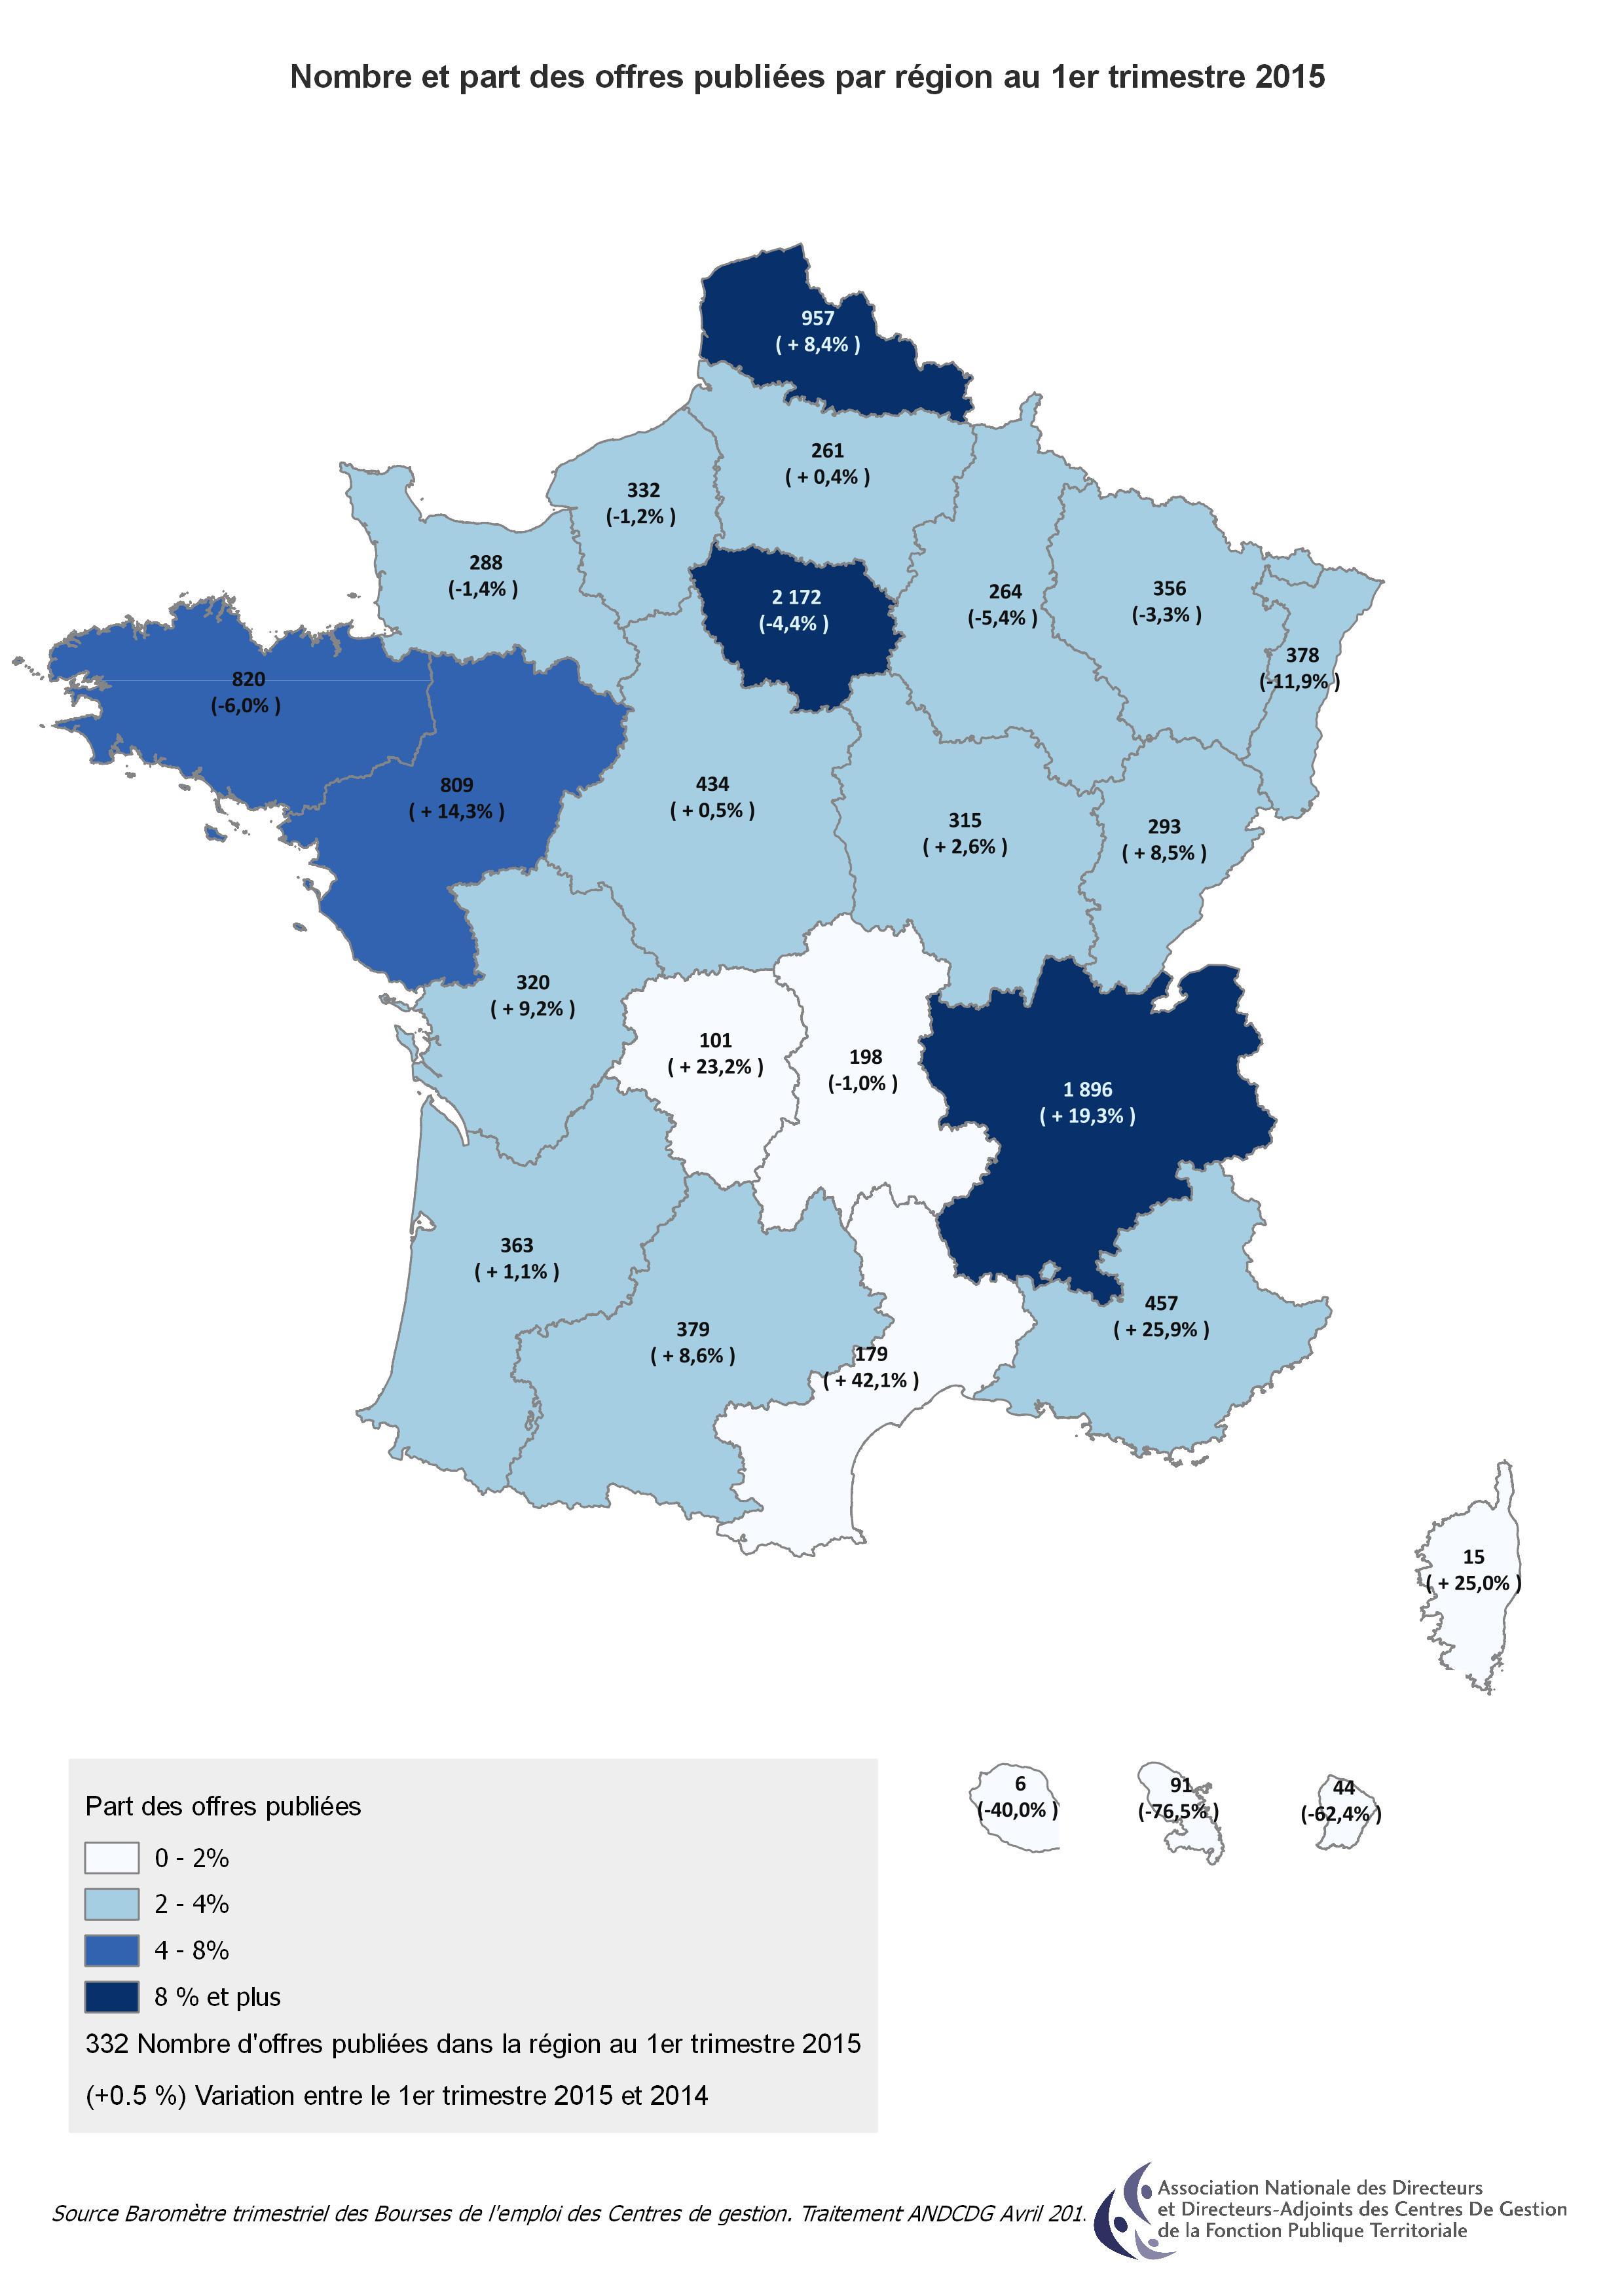 Carte Nb d'offres publiees par region 1erT2015